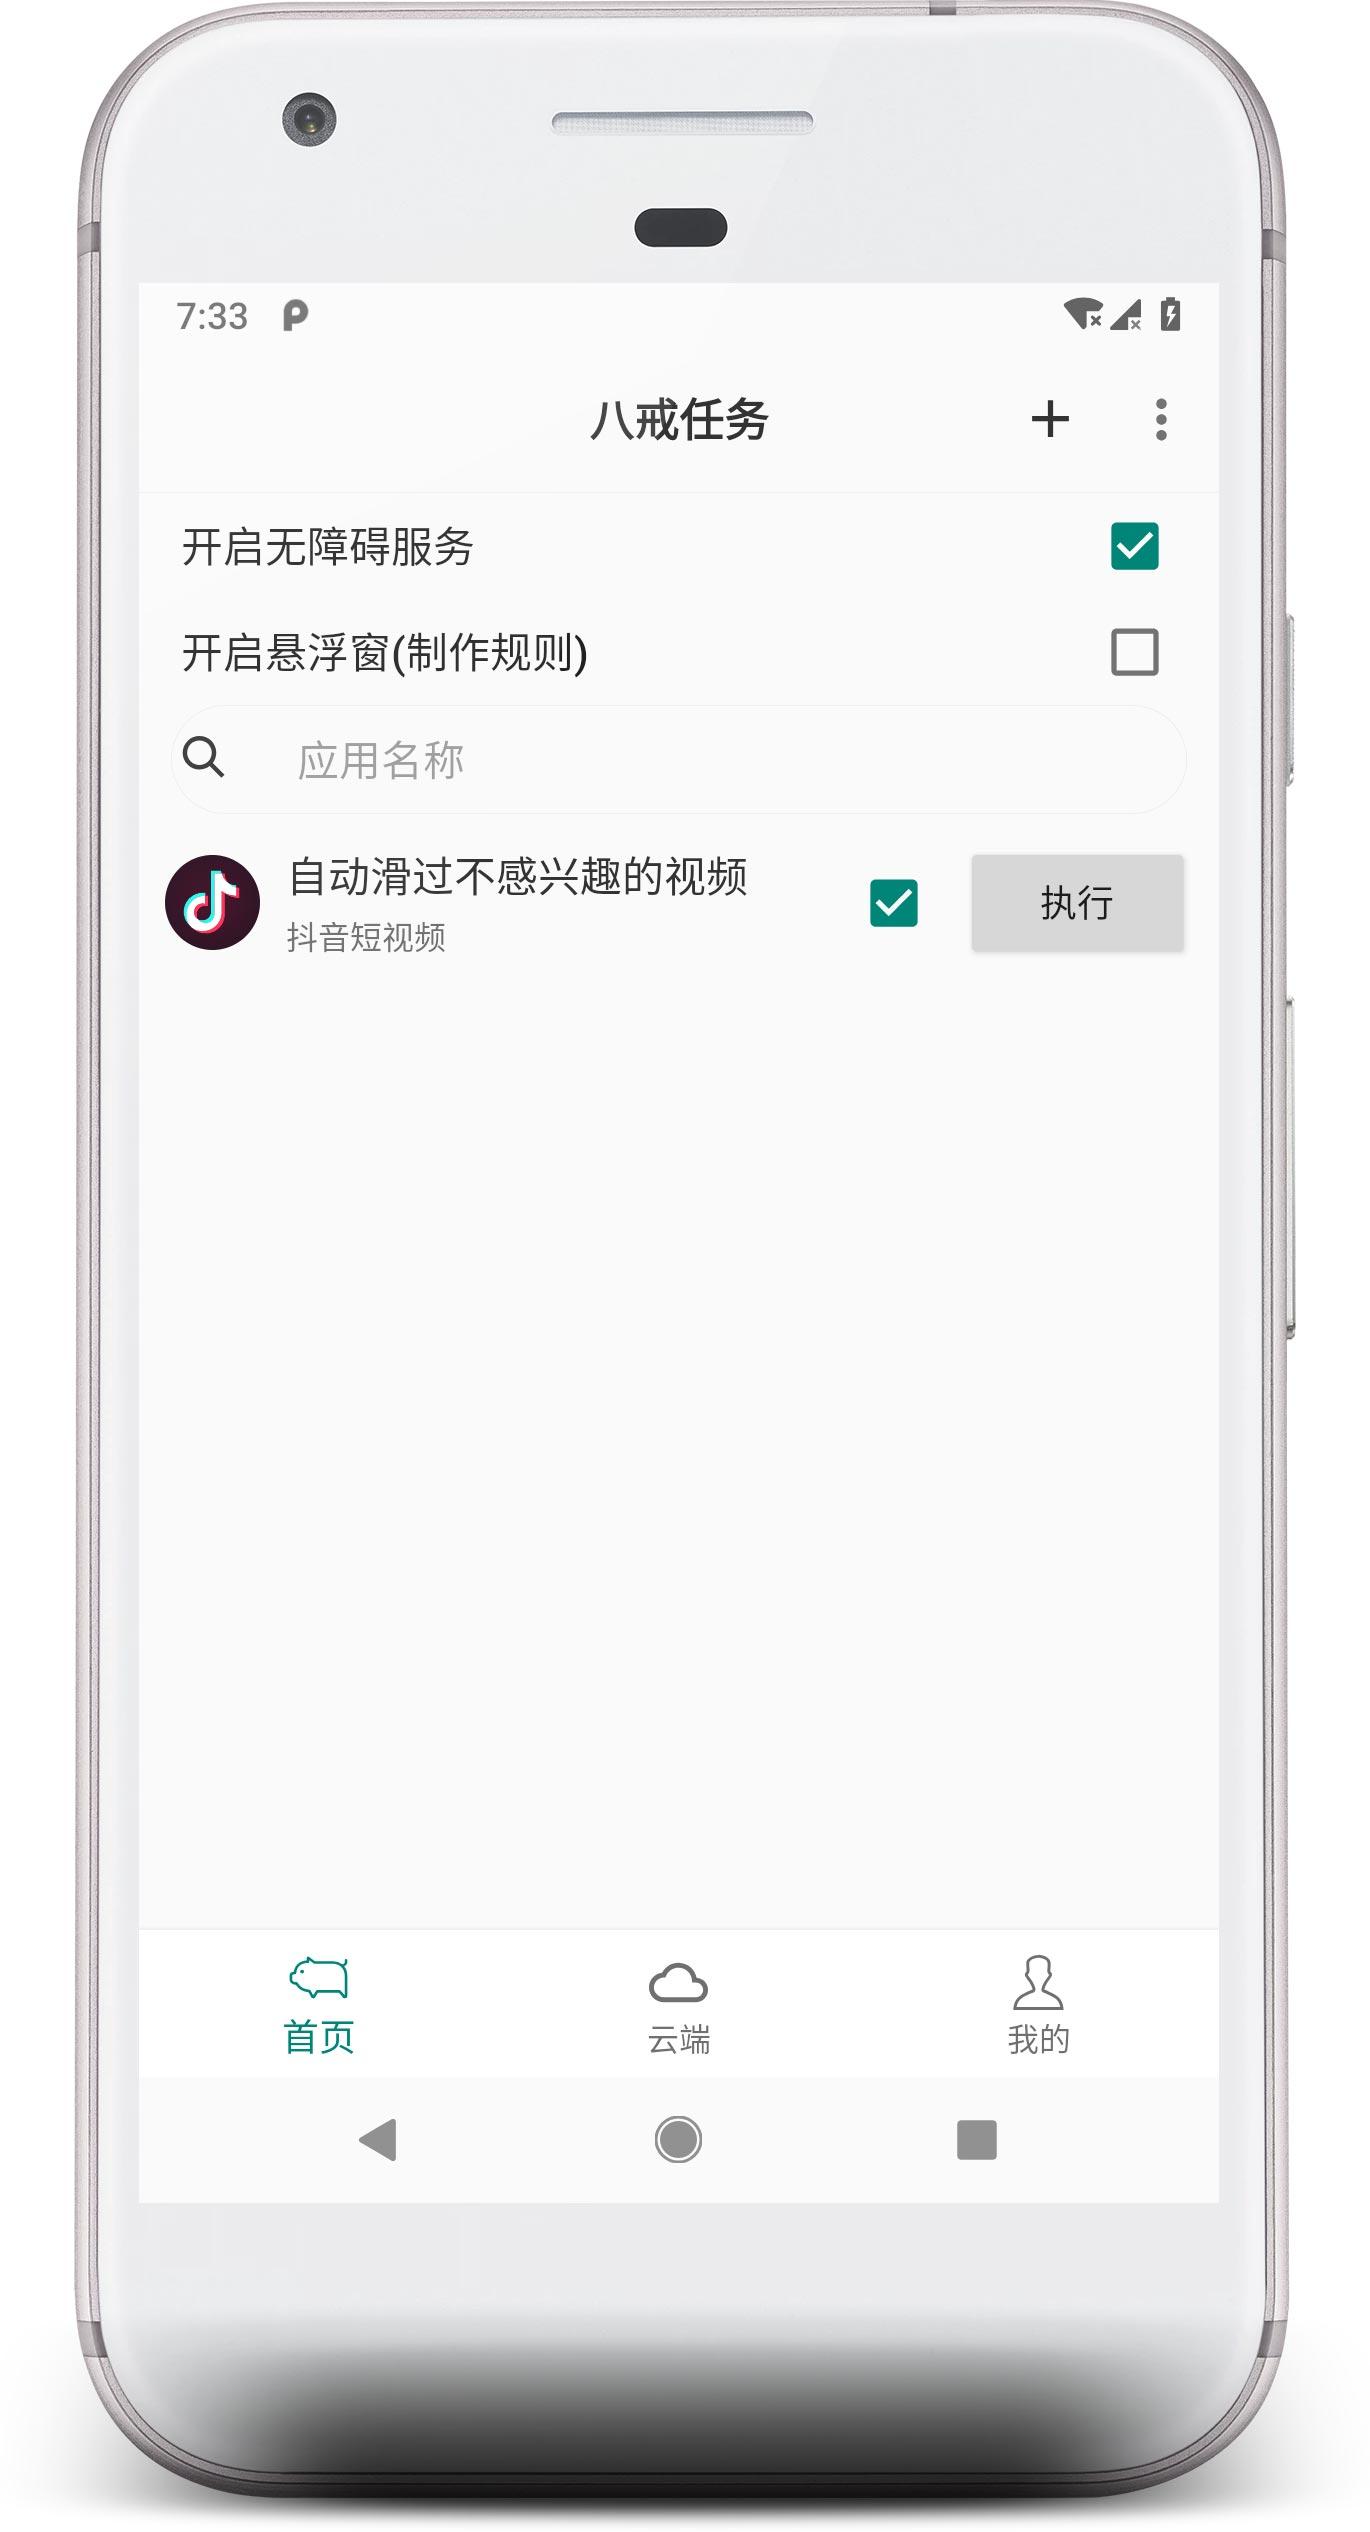 【资源分享】八戒任务(自动化任务)-爱小助